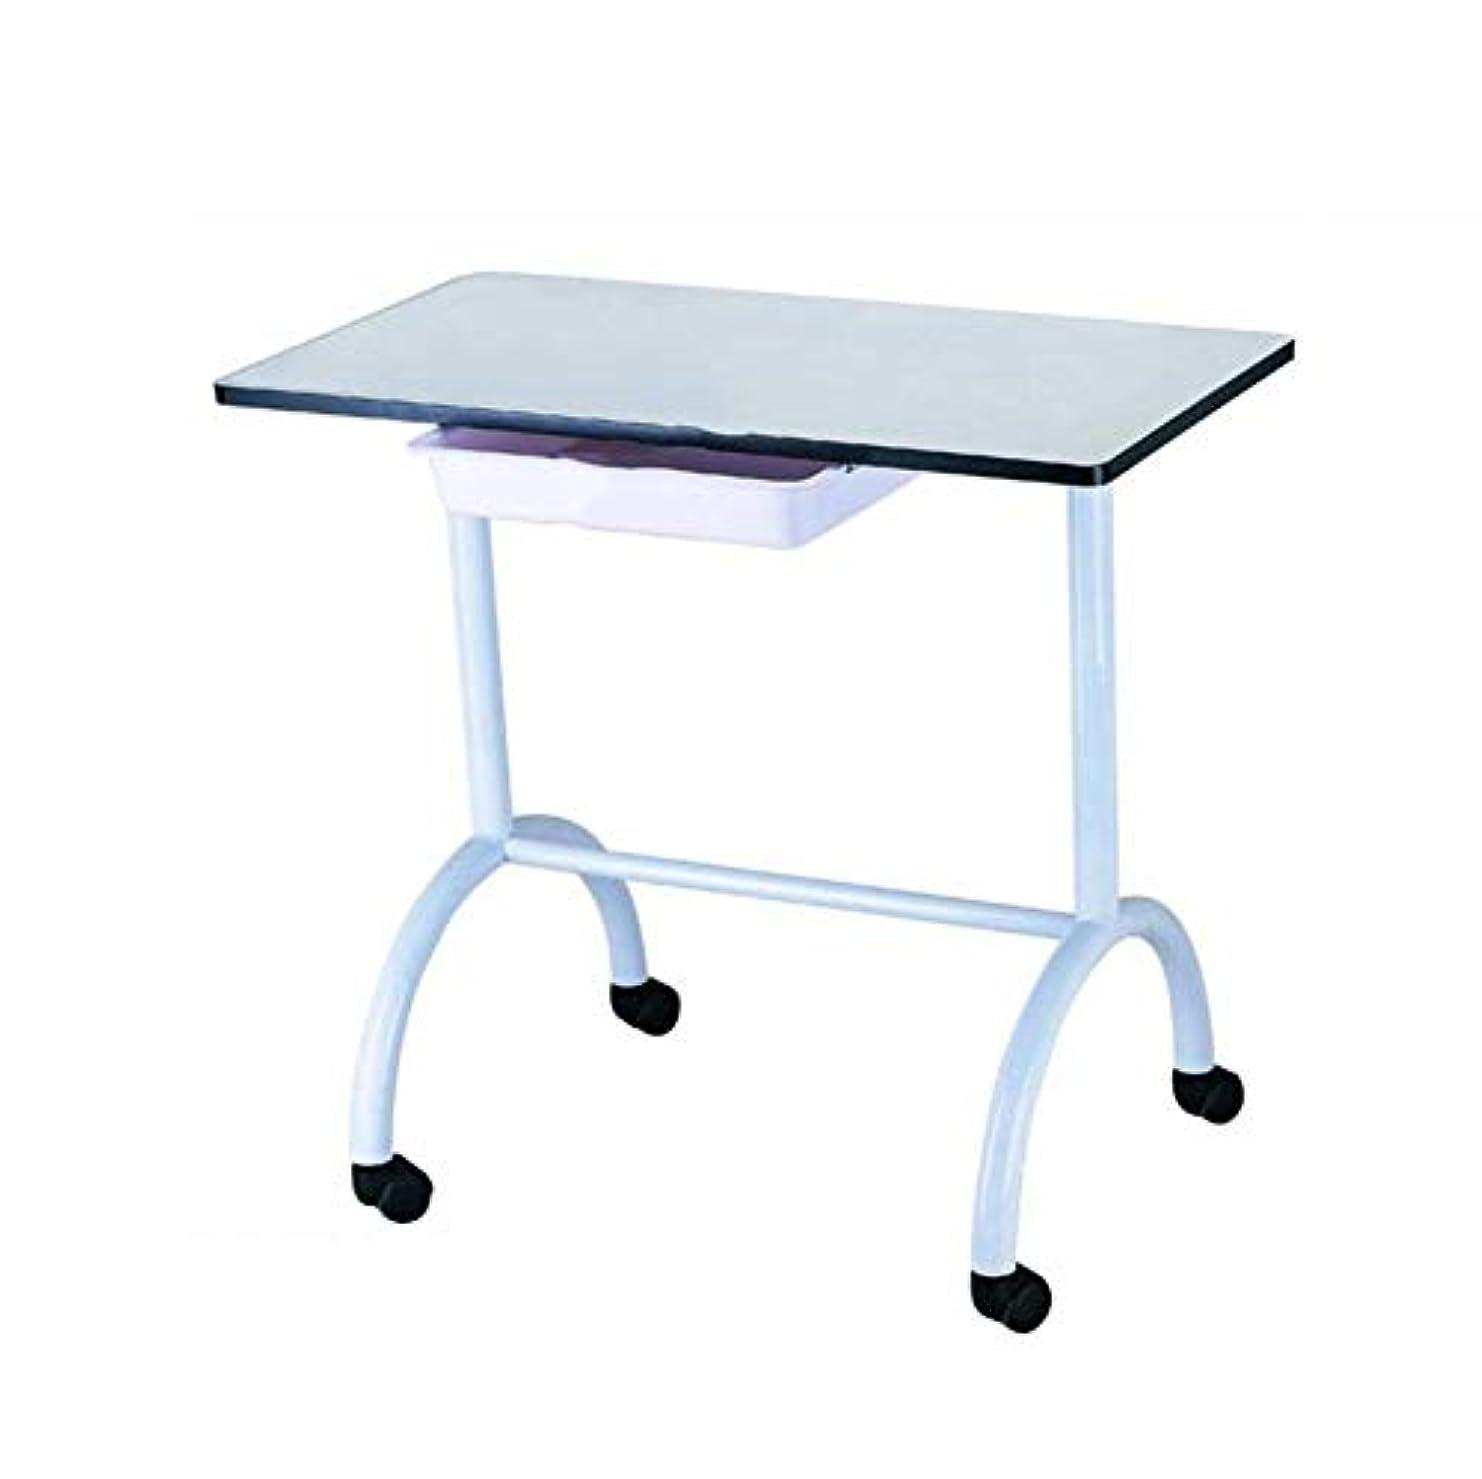 速い検出器顕微鏡ネイルテーブルポータブルマニキュアテーブルベントネイルデスクワークステーションサロンスパネイルアートビューティーサロン機器ホワイト